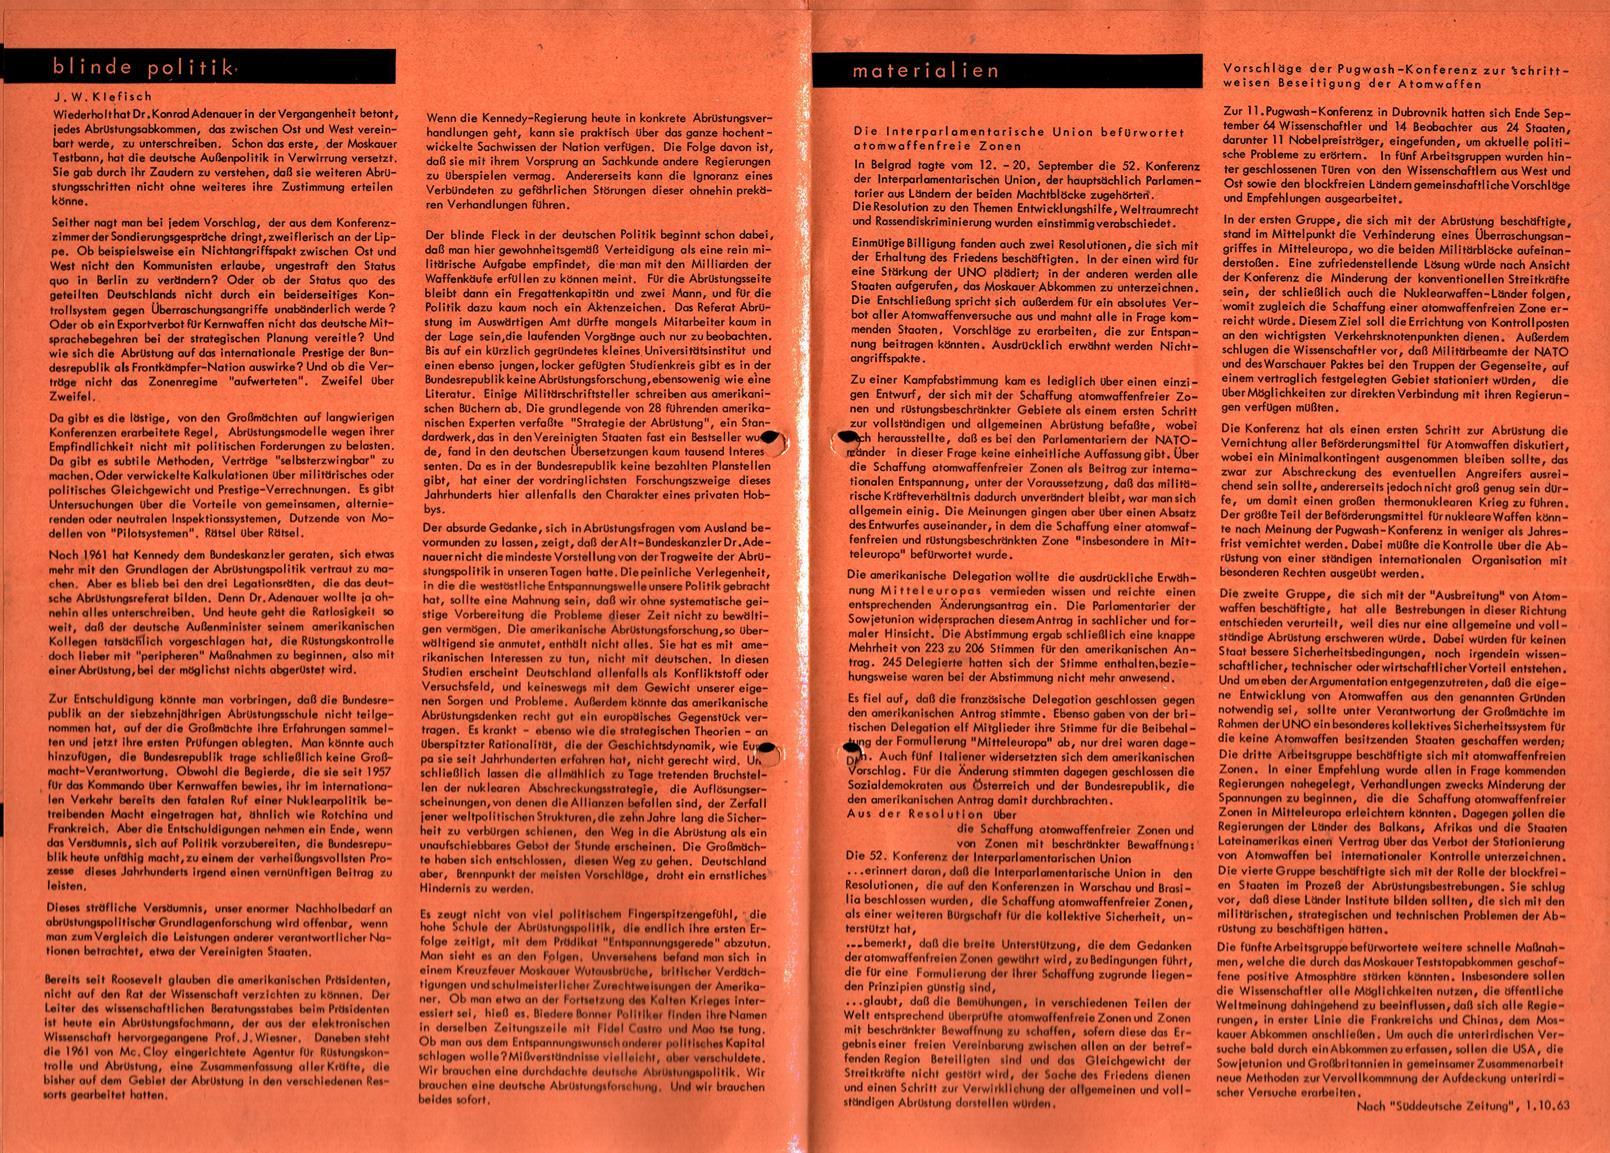 Infos_zur_Abruestung_1963_004_003